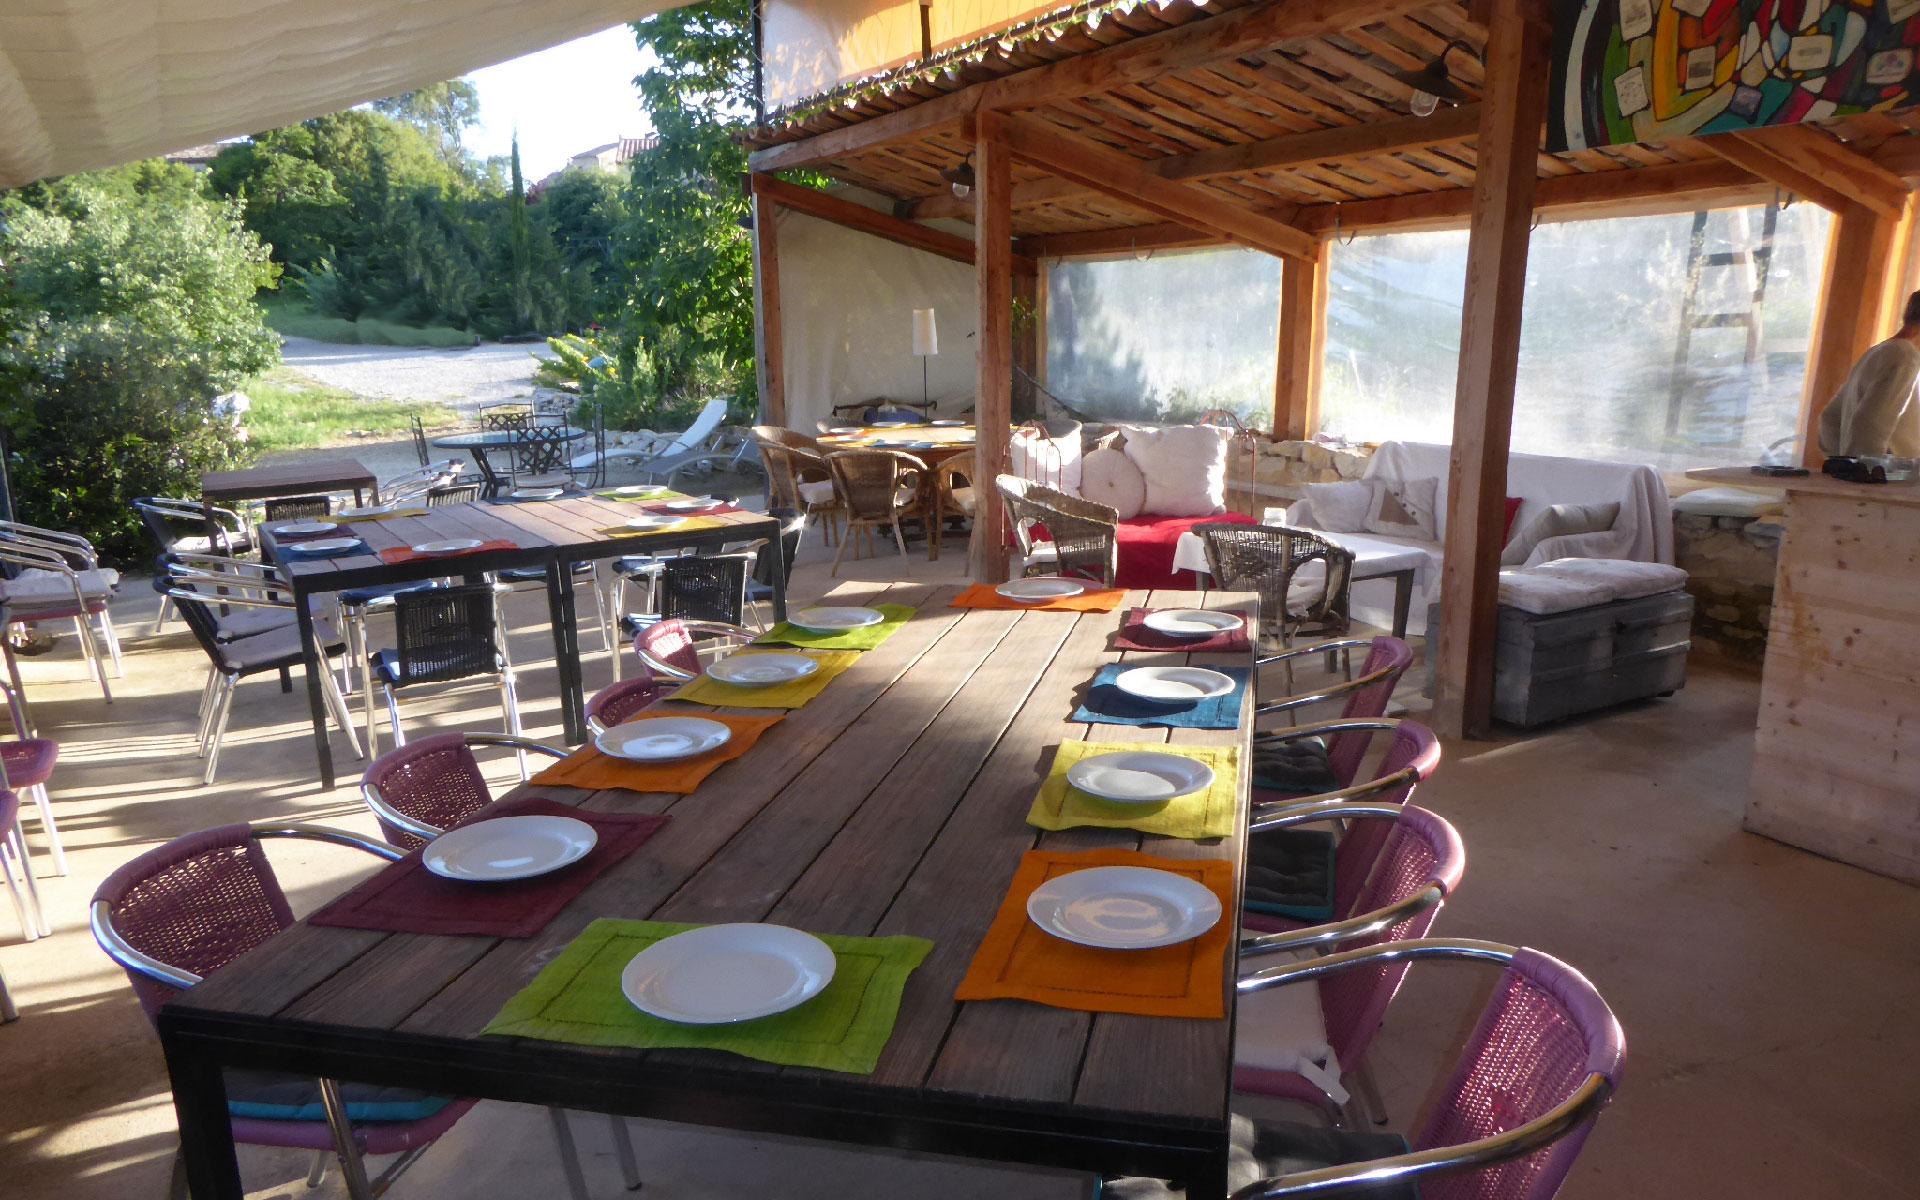 Les tables dressées pour le déjeuner sous la terrasse